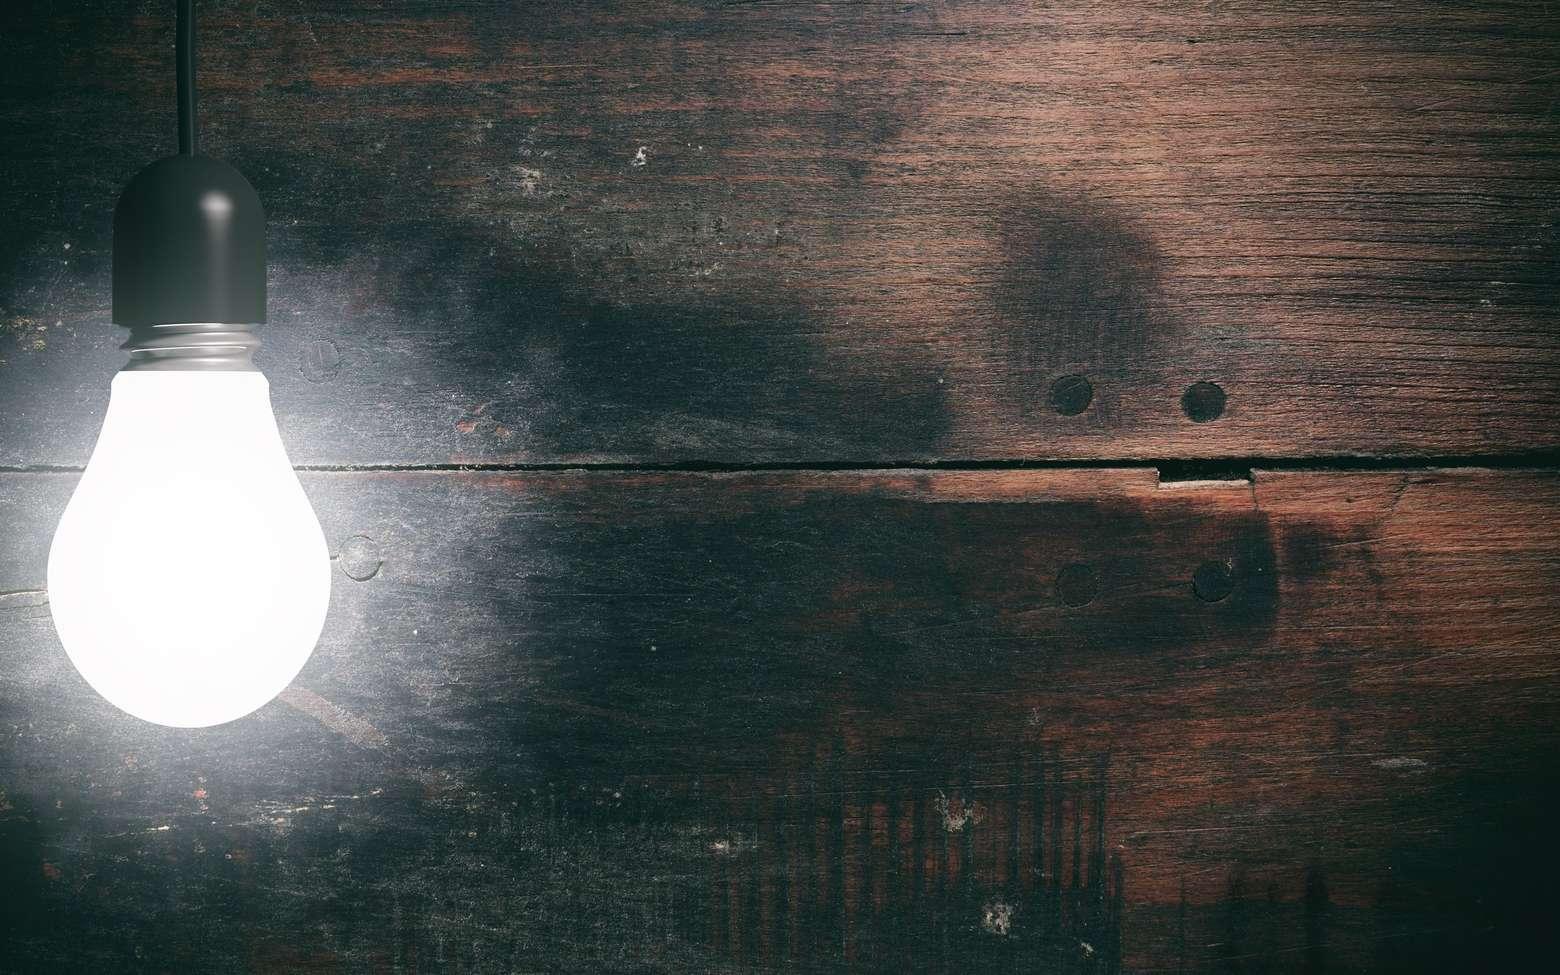 Les résultats d'une équipe de chercheurs américains pourraient mener à la mise au point d'un nouveau traitement contre la dégénérescence maculaire liée à une exposition à la lumière bleue telle que celle émise par certaines LED. © gioiak2, Fotolia